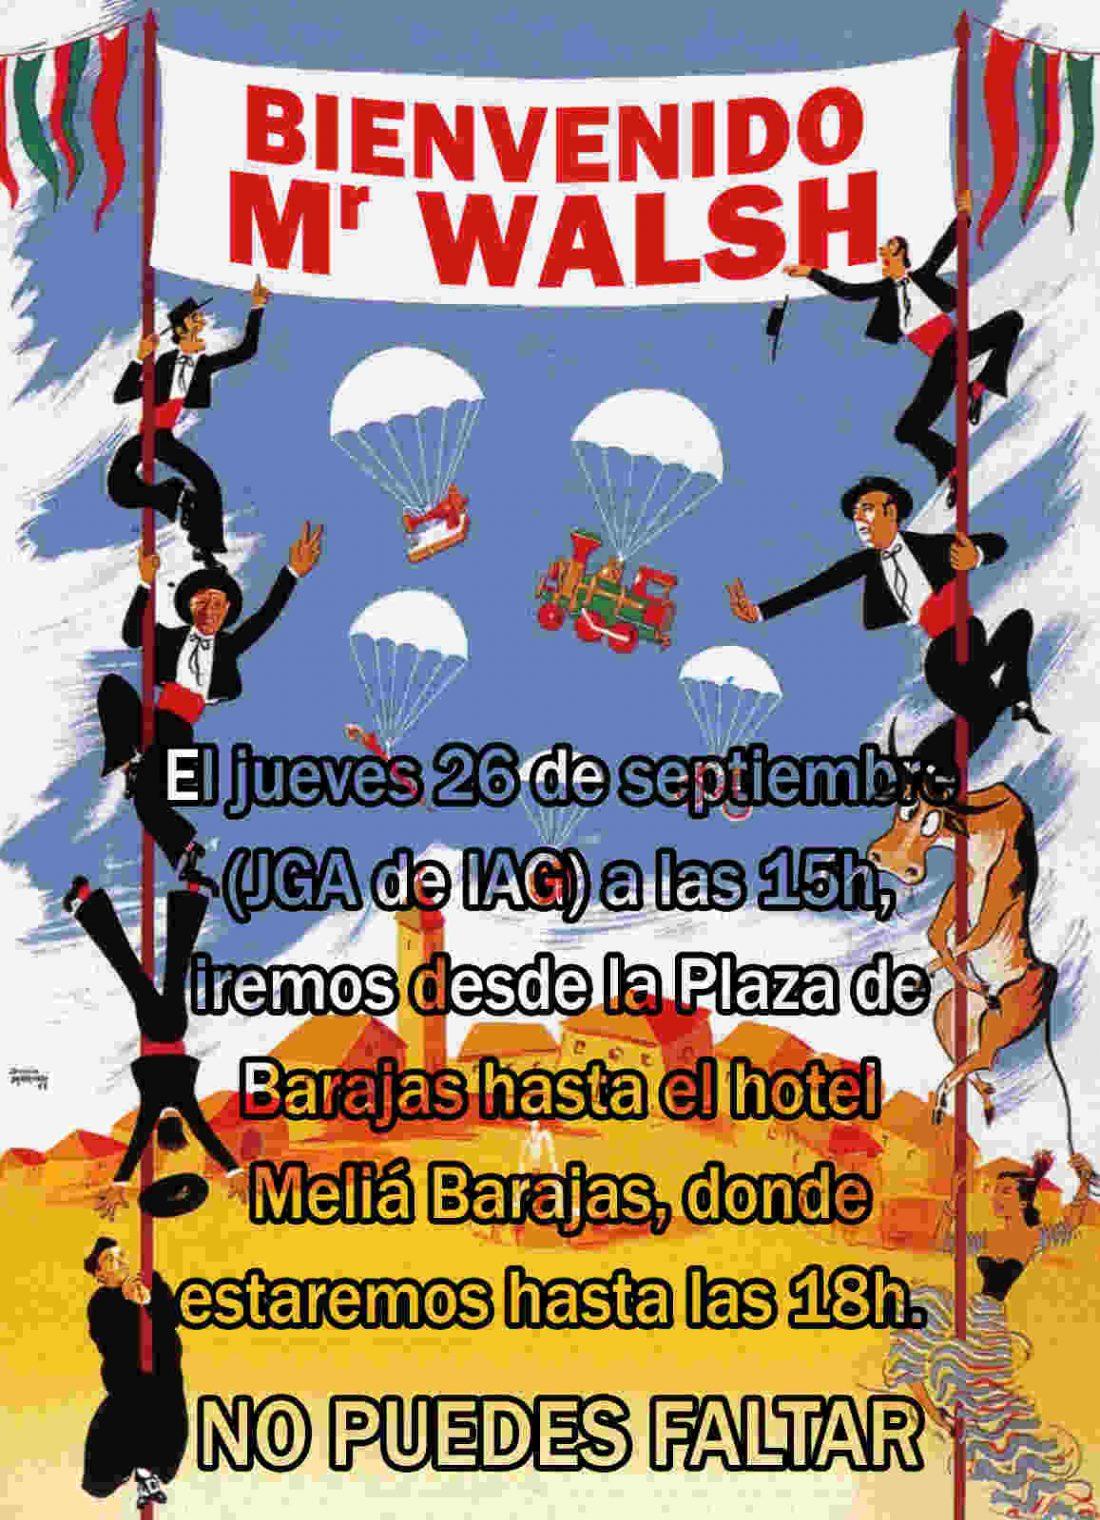 Manifestación por el futuro de Iberia el jueves 26 de septiembre de 15 a 16 horas desde la Plaza de Barajas